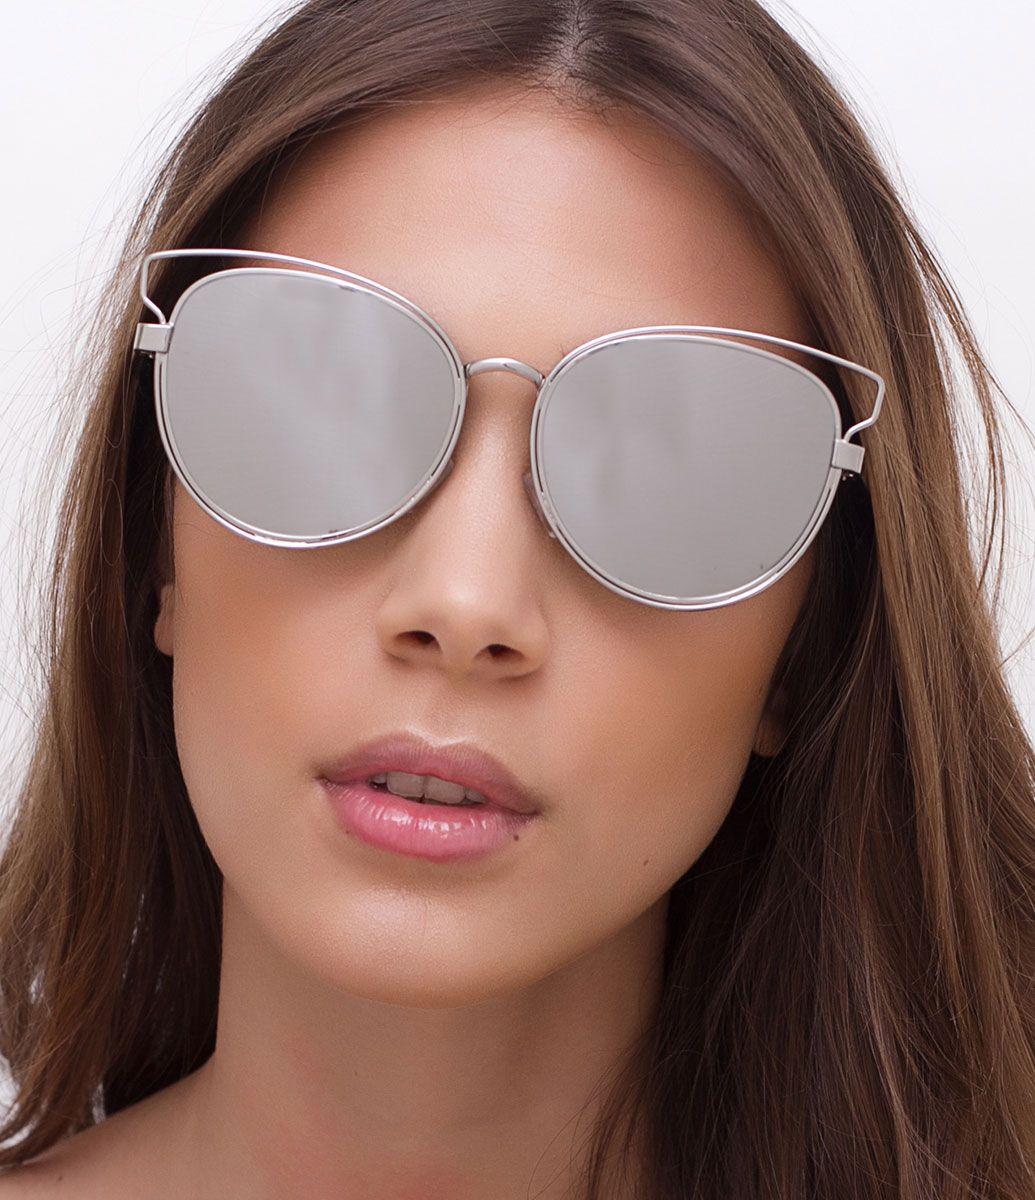 098fb944e Óculos de sol feminino Modelo gateado Hastes em metal Lentes espelhadas  Proteção contra raios UVA /